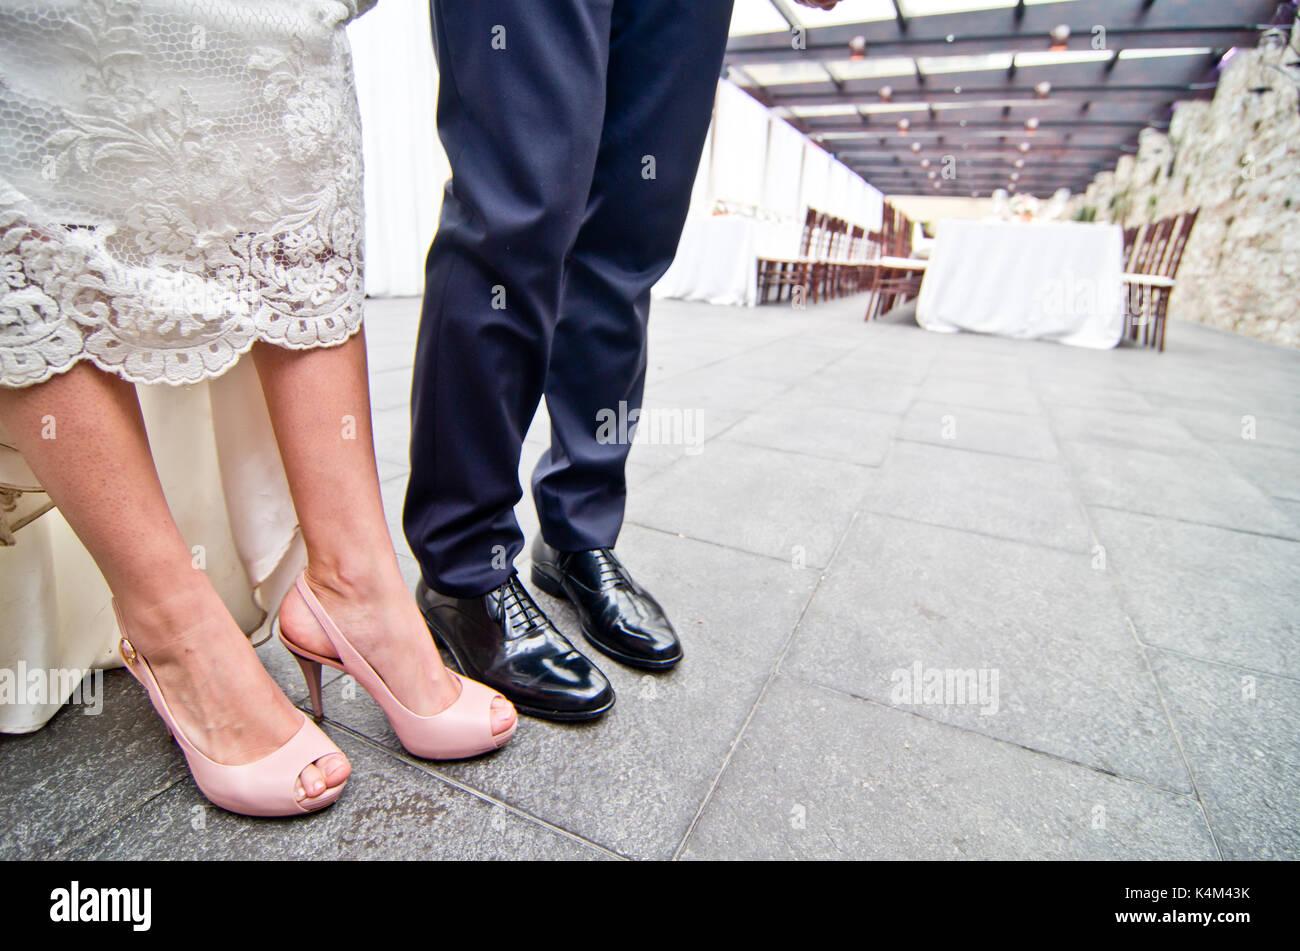 Schuhe des Brautpaares mit Hochzeit Bankett Hintergrund Stockfoto